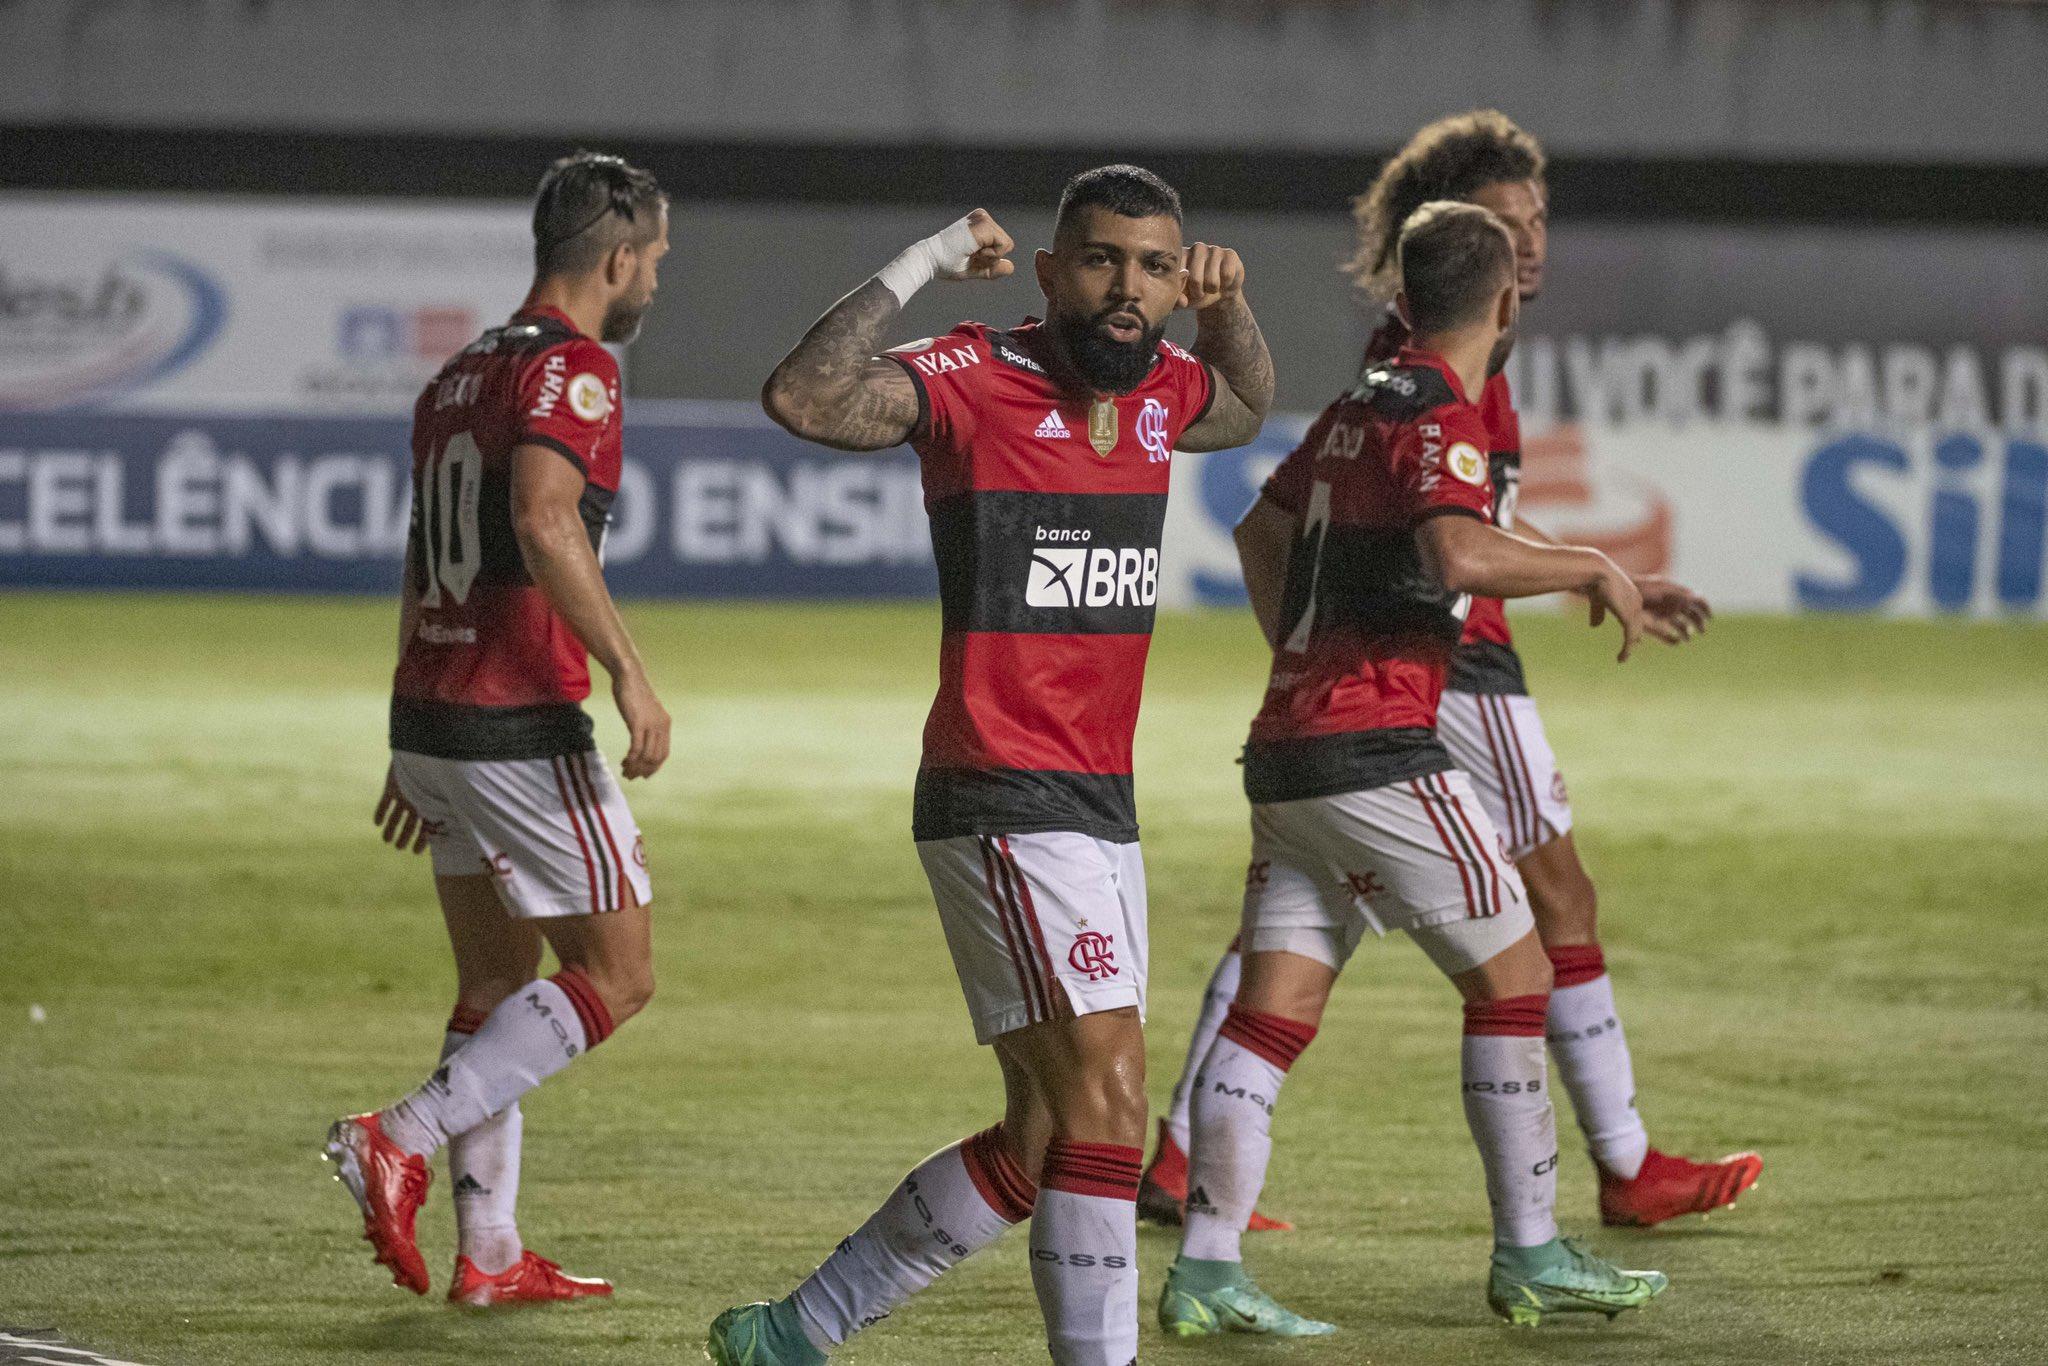 Partida aconteceu estádio de Pituaçu, em Salvador (BA)